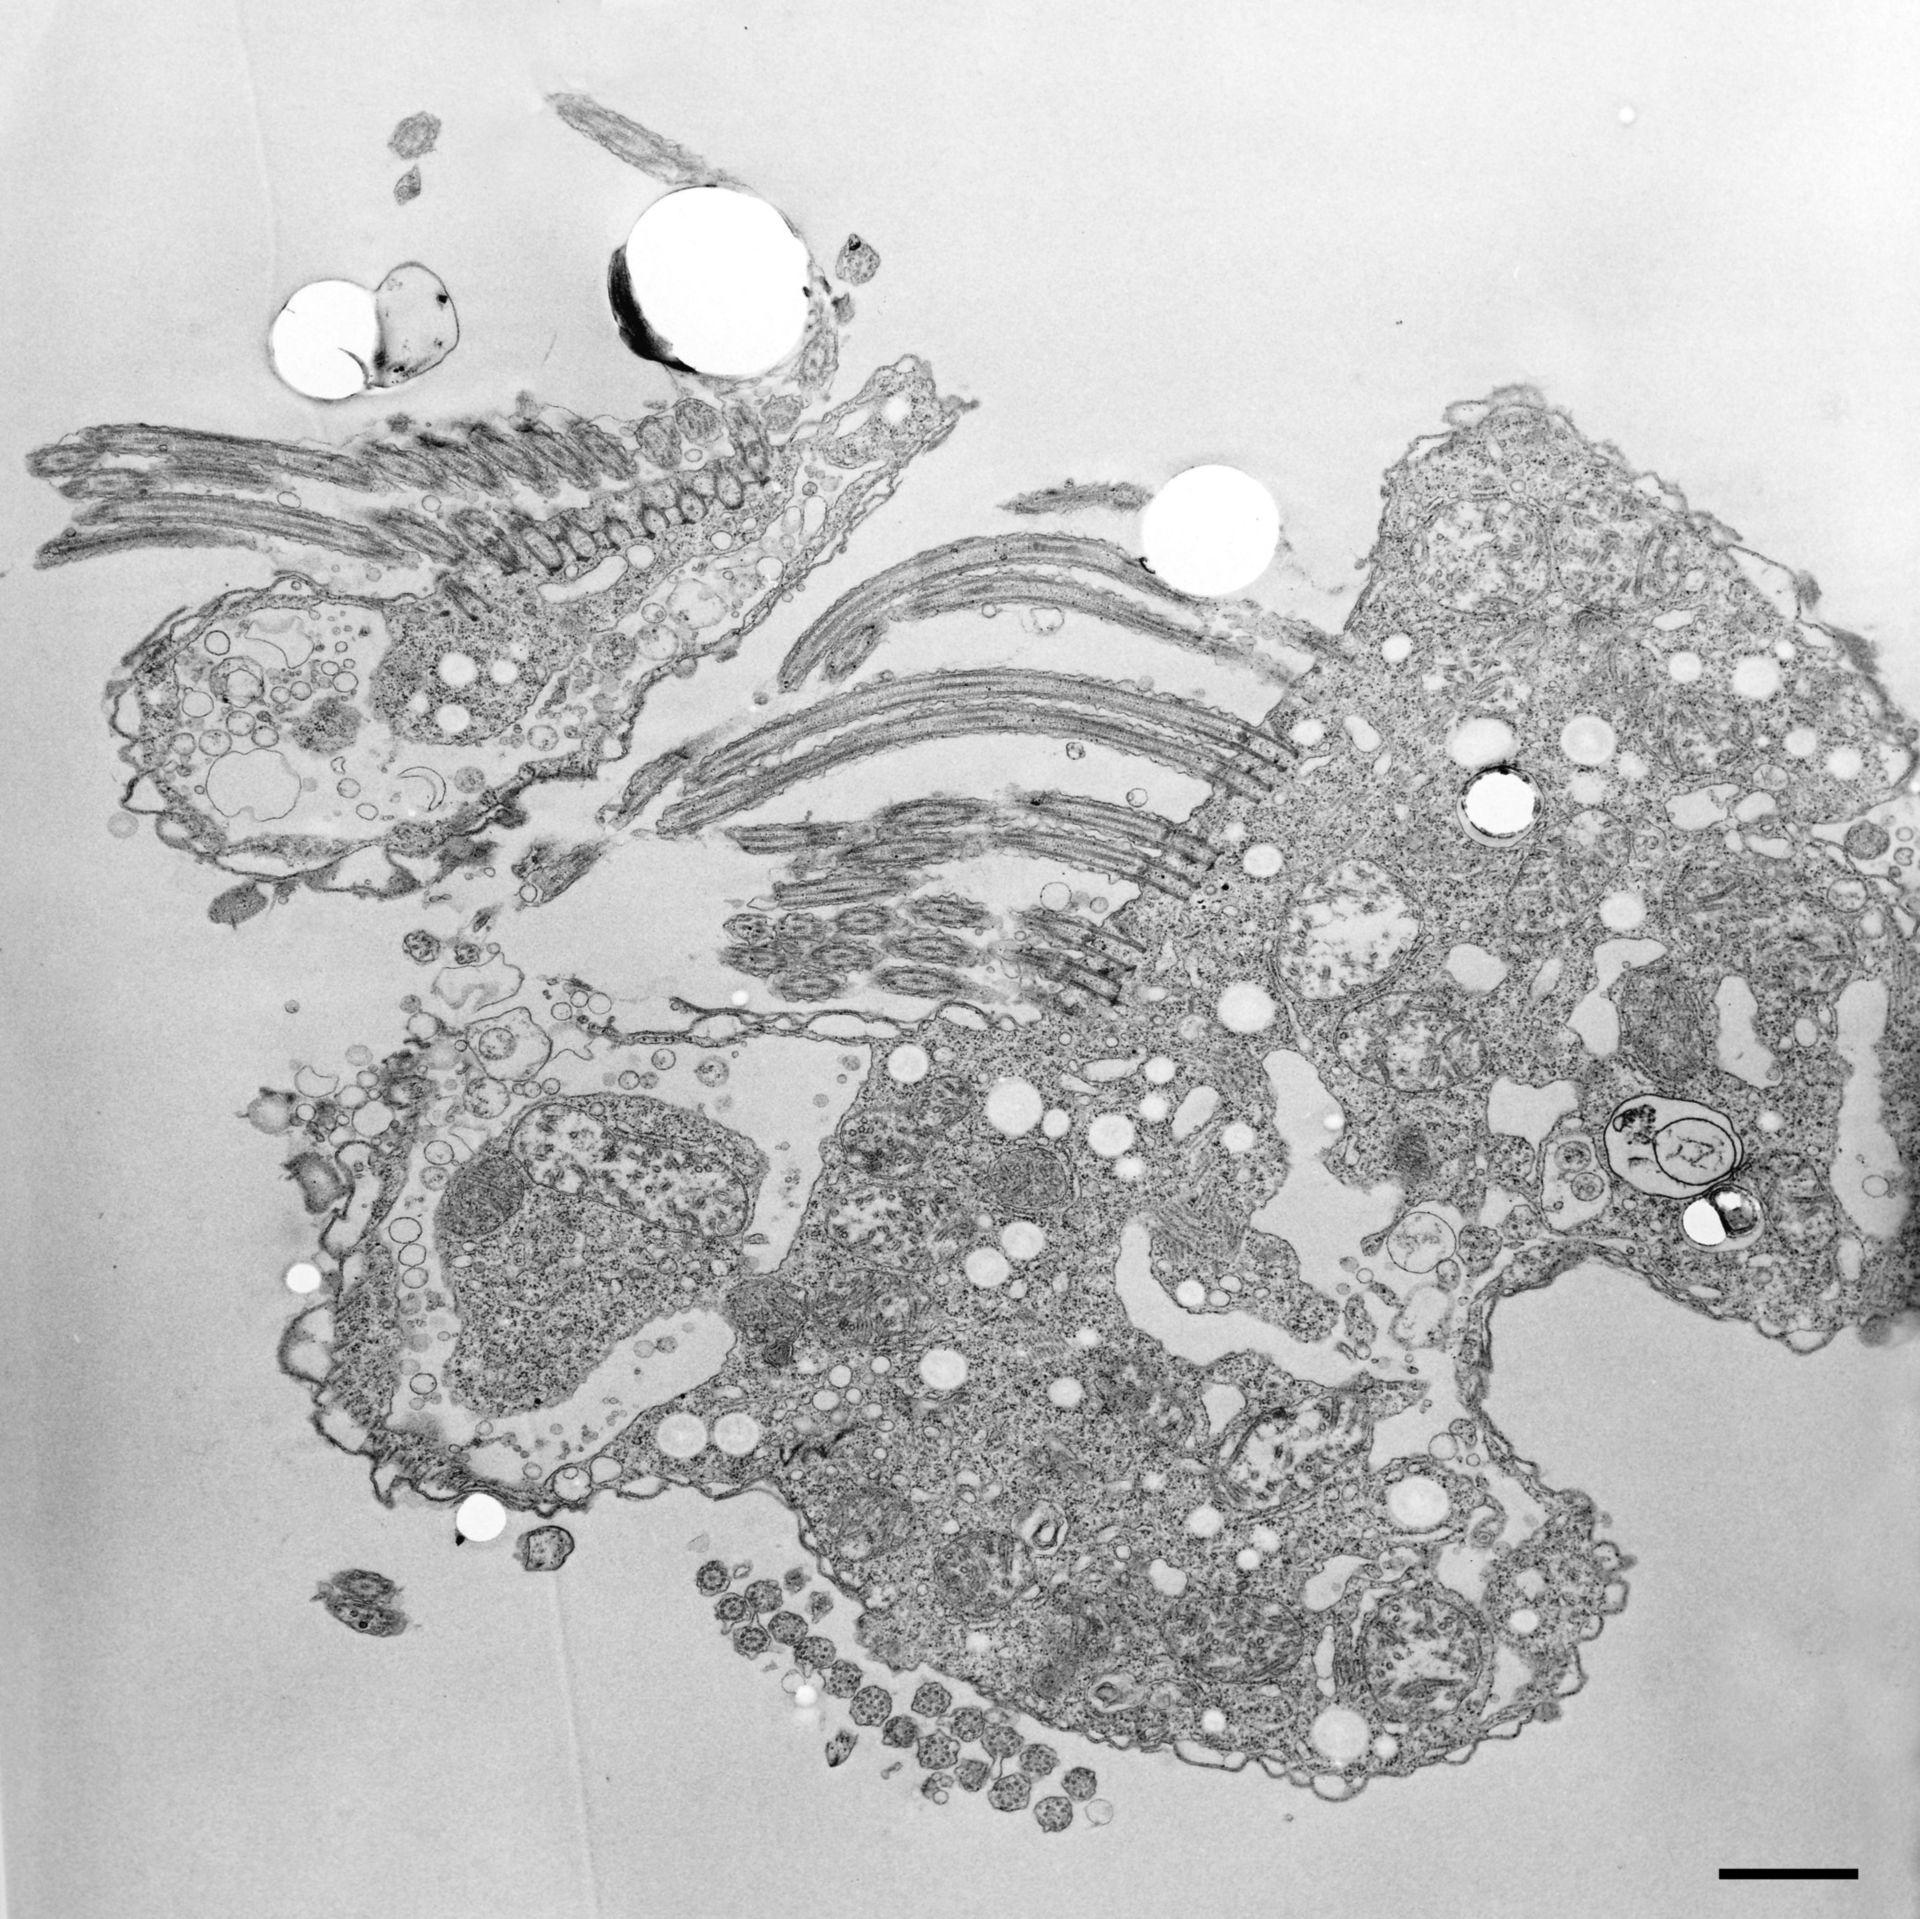 Halteria grandinella (citoplasma) - CIL:12325